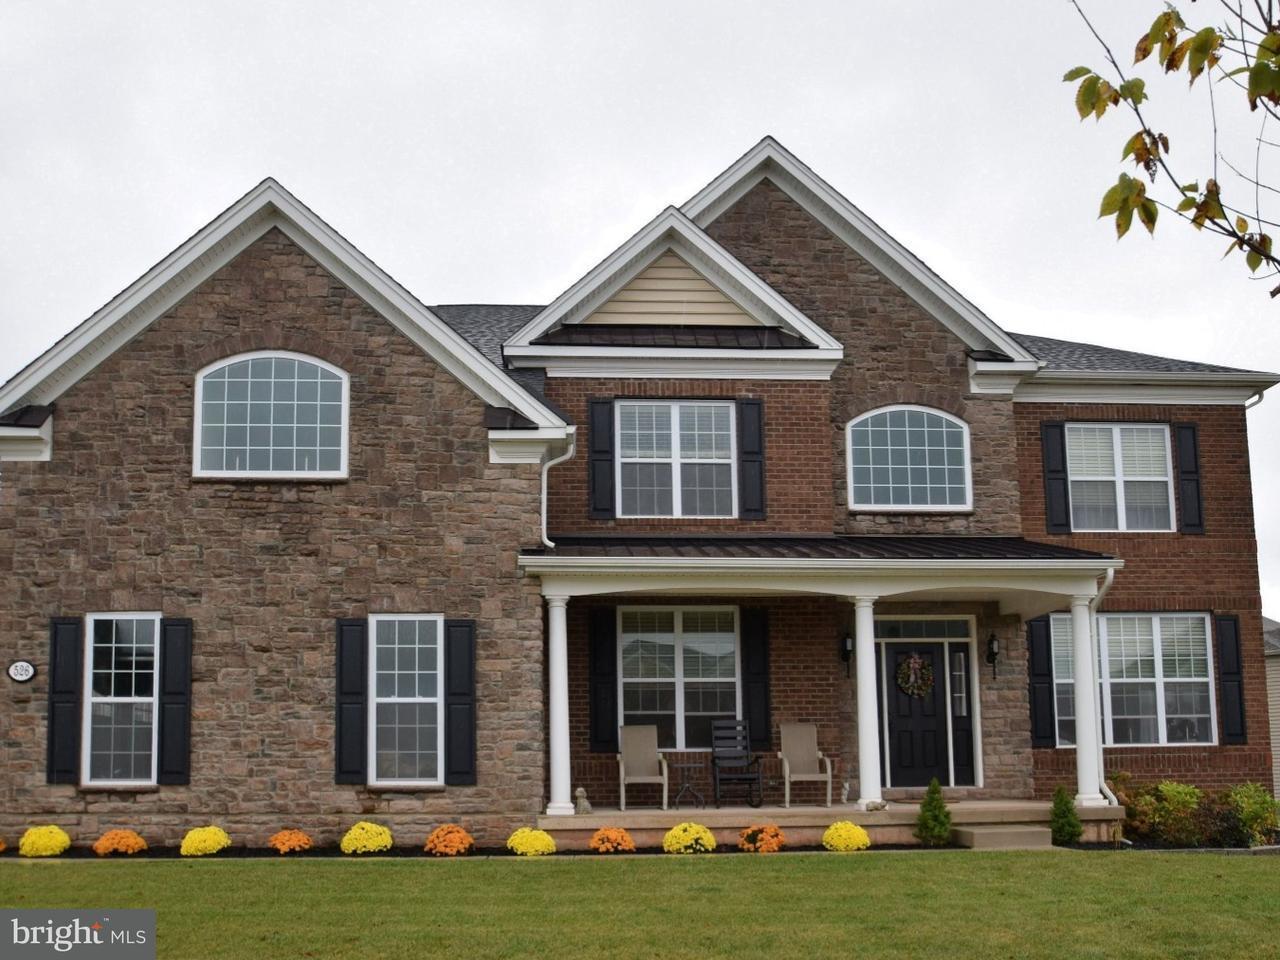 Maison unifamiliale pour l Vente à 526 GRAYSON Lane Harleysville, Pennsylvanie 19438 États-Unis